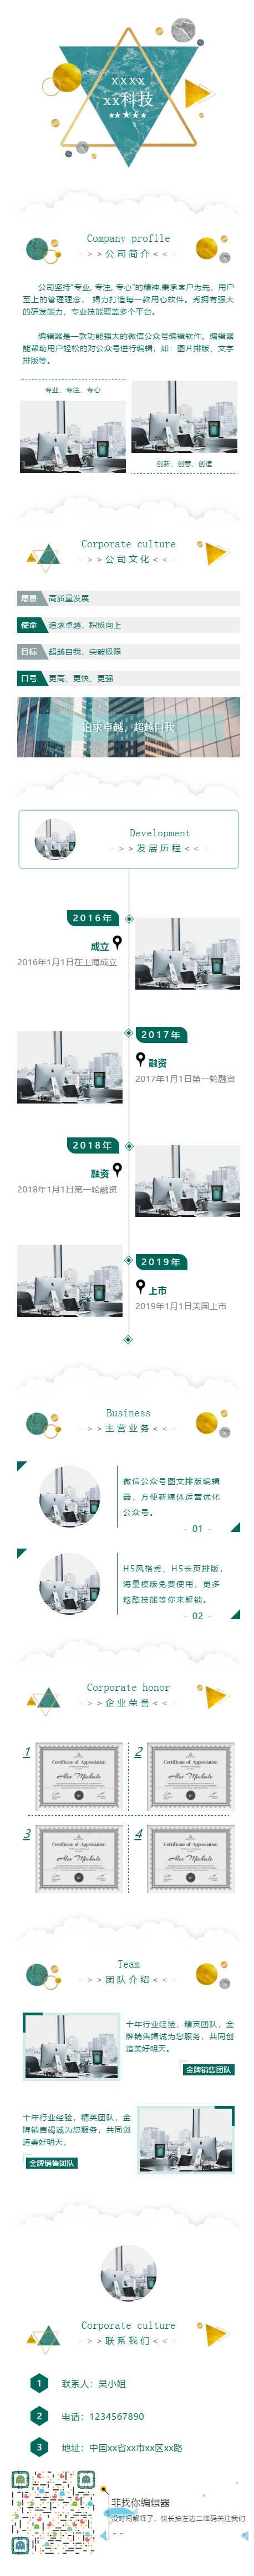 科技公司简介企业文化清新风格微信公众号图文模板推送素材